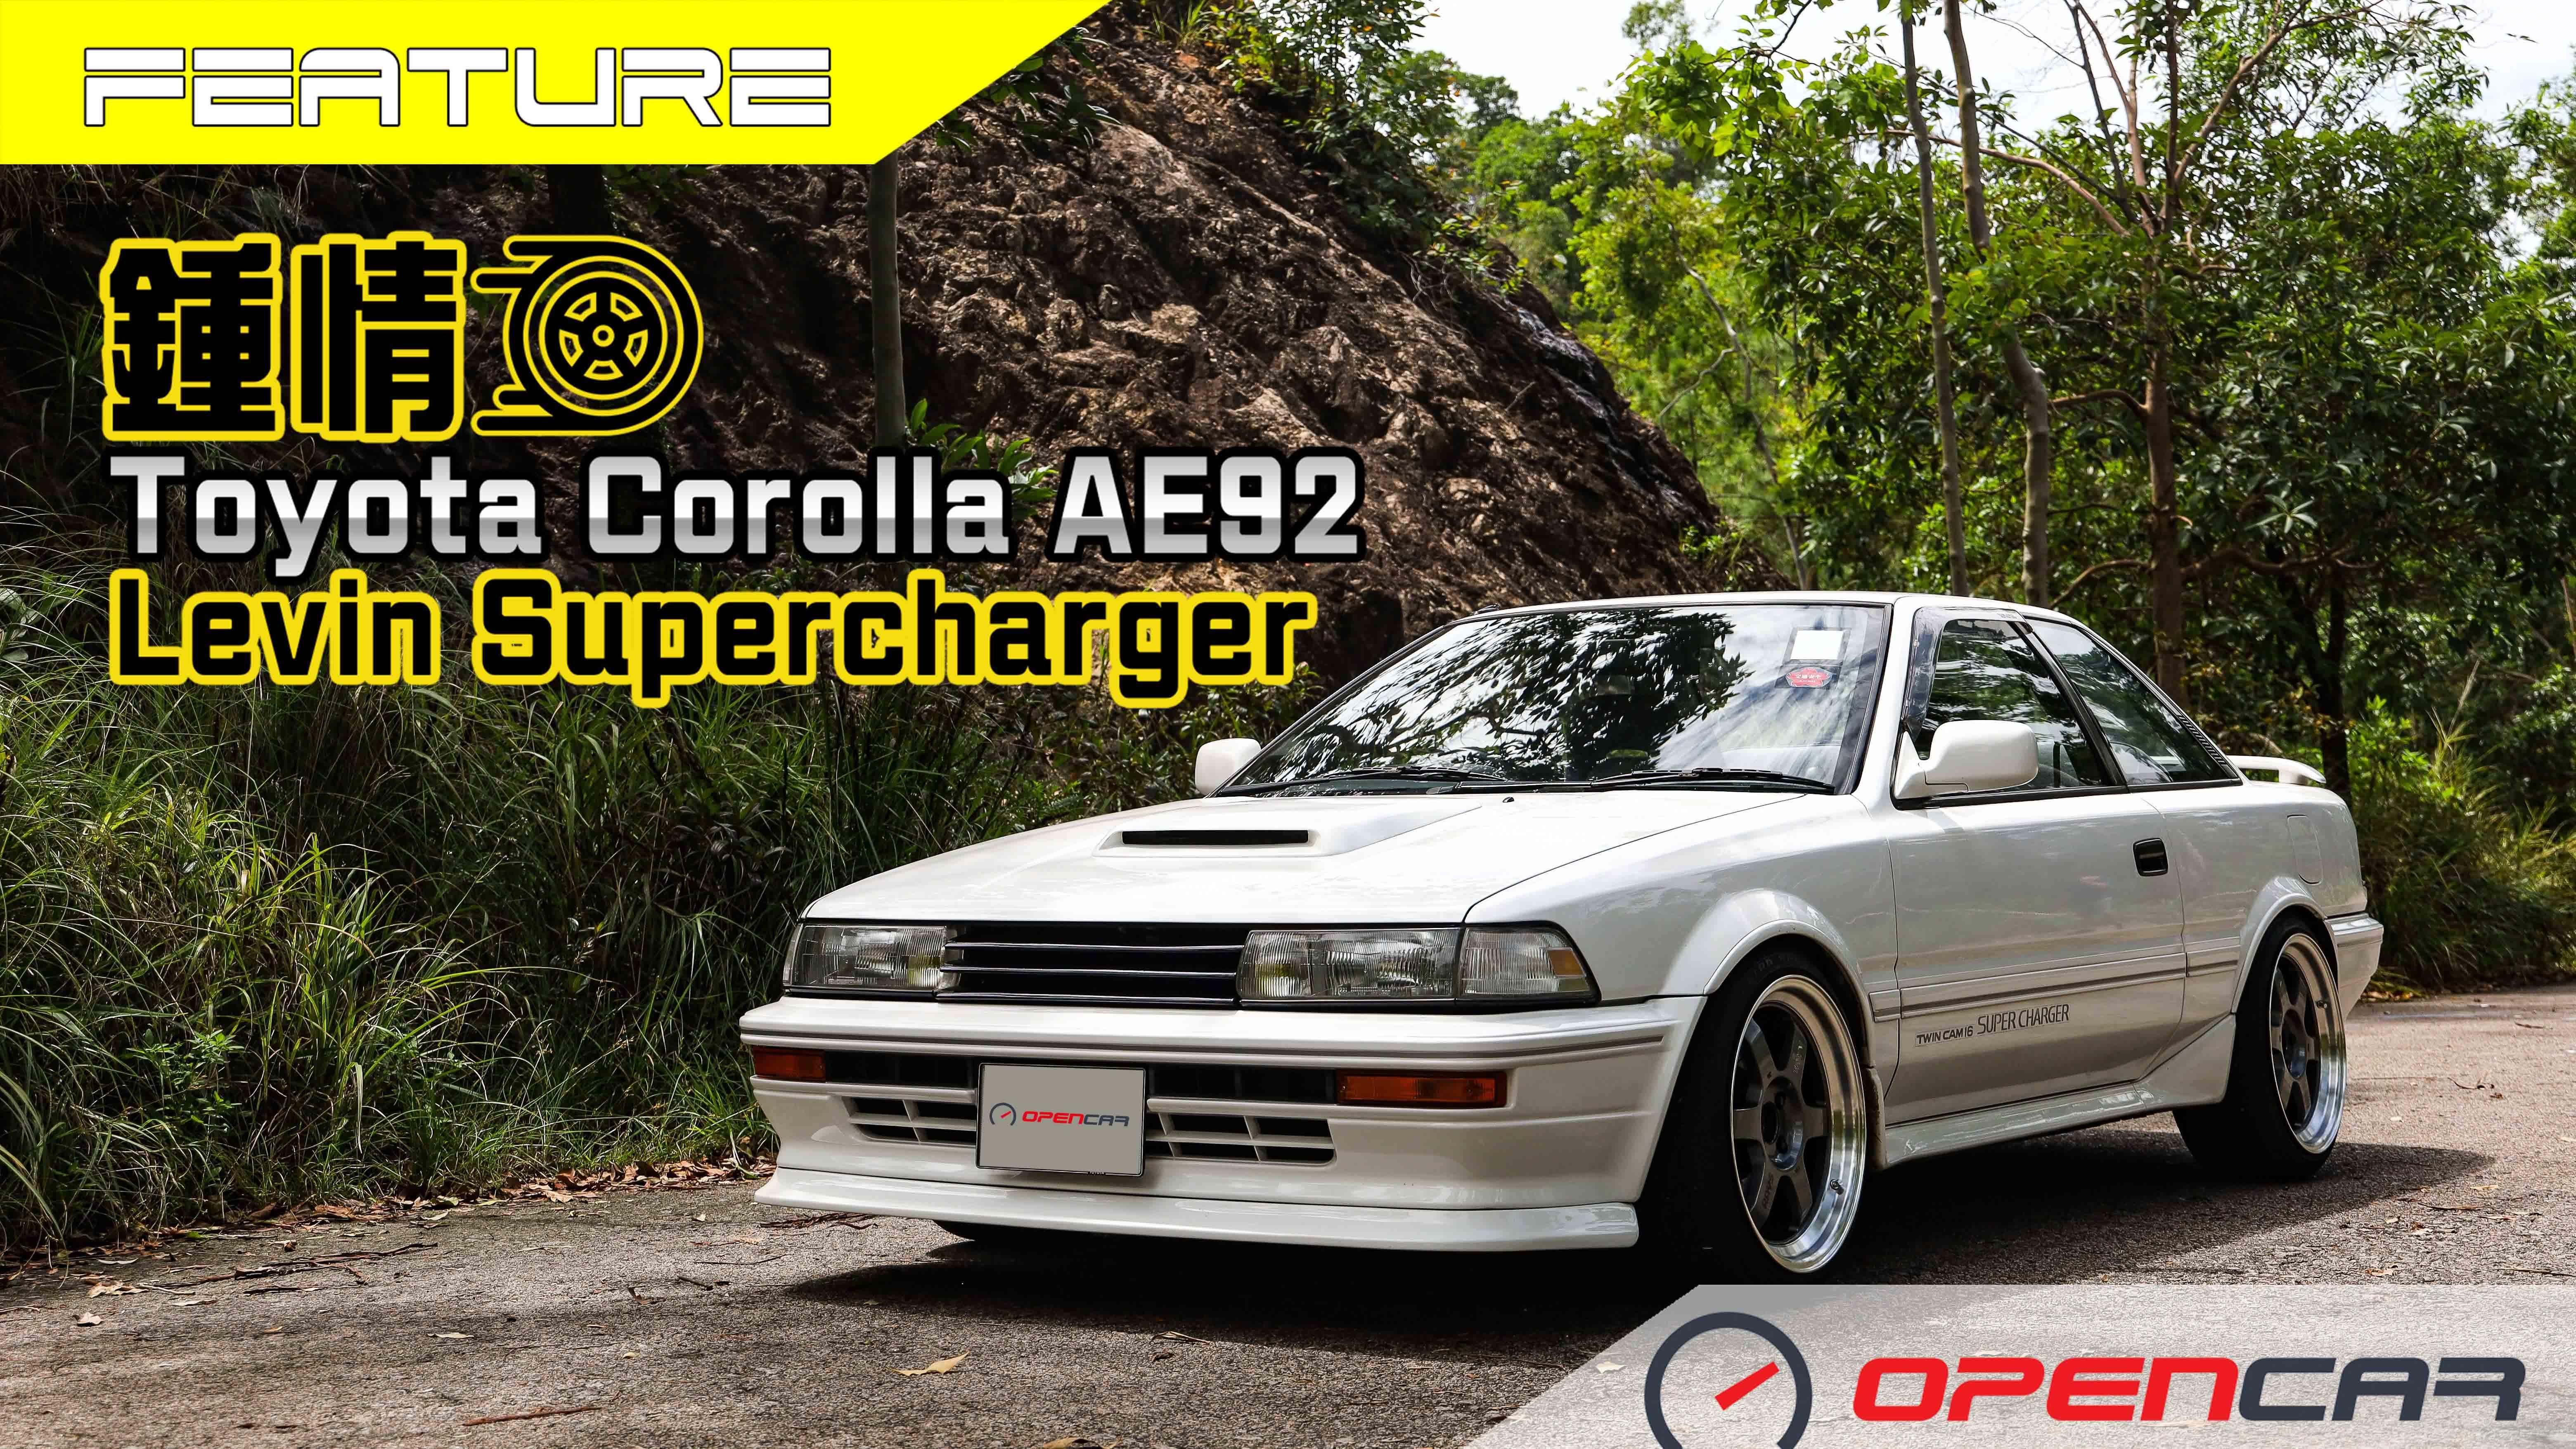 鍾情-Toyota Corolla AE92 Levin Supercharger